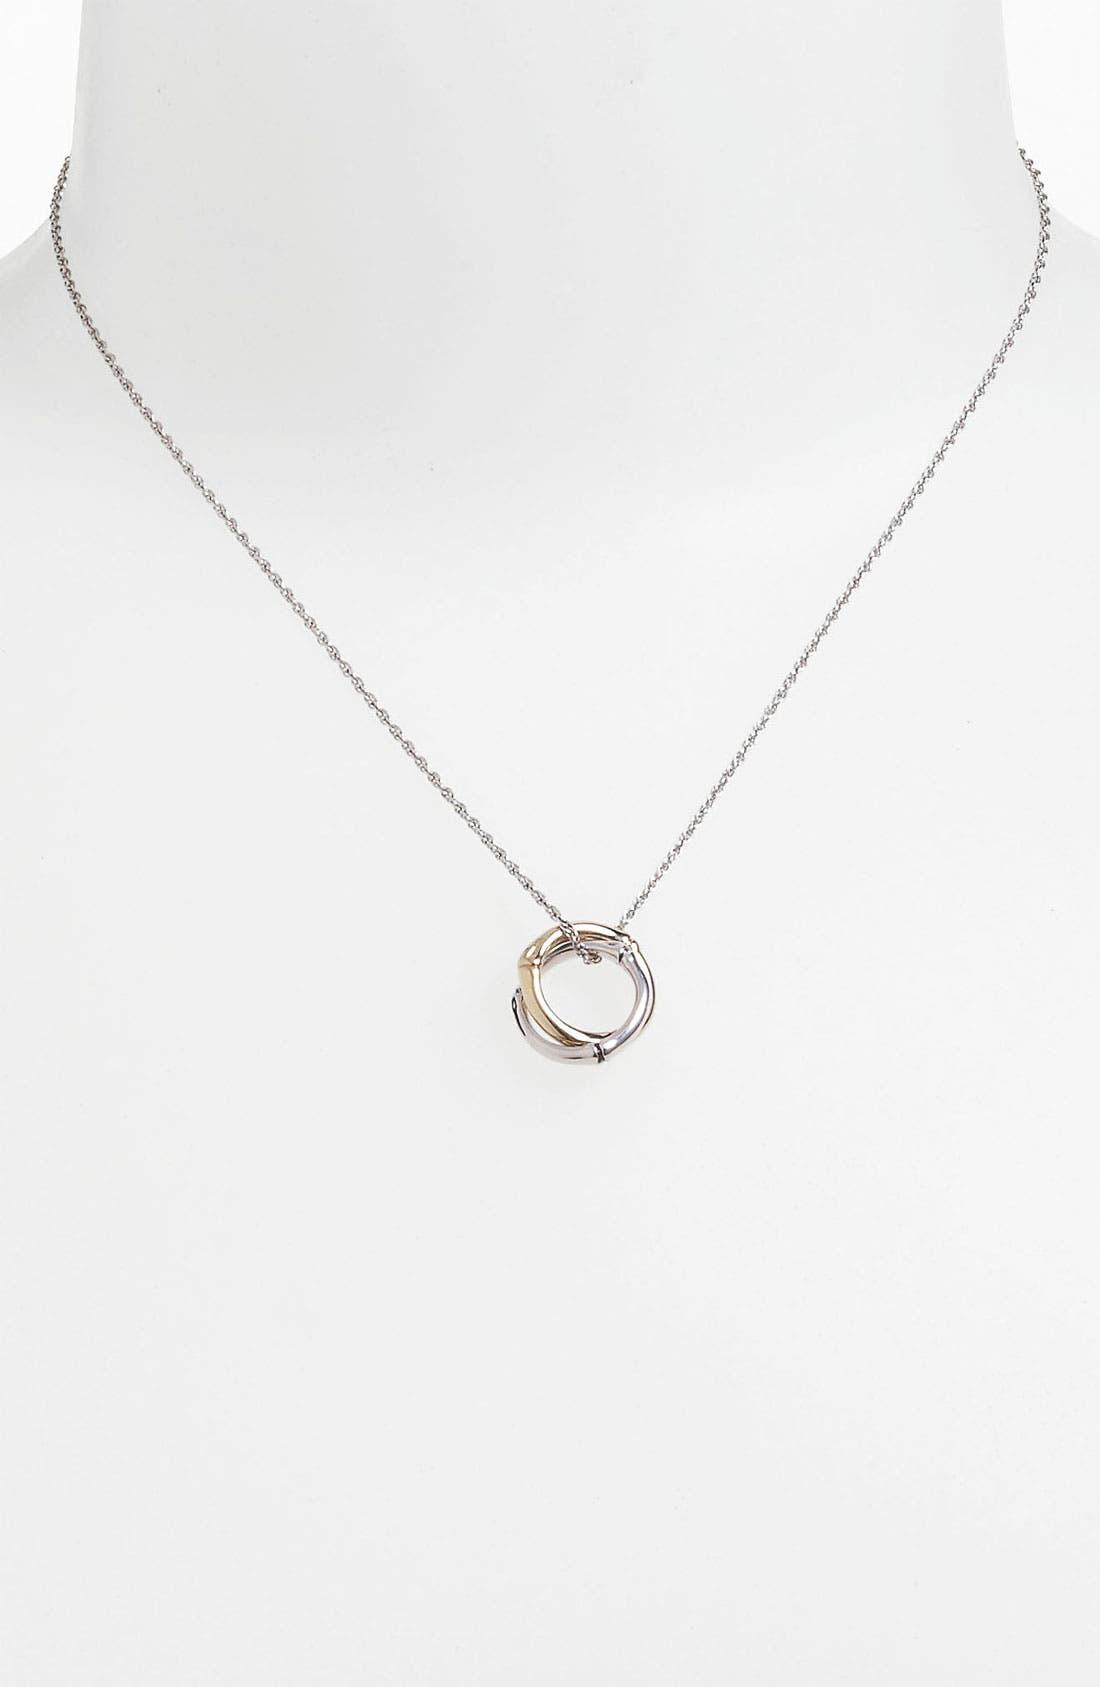 Main Image - John Hardy 'Bamboo' Interlocking Pendant Necklace